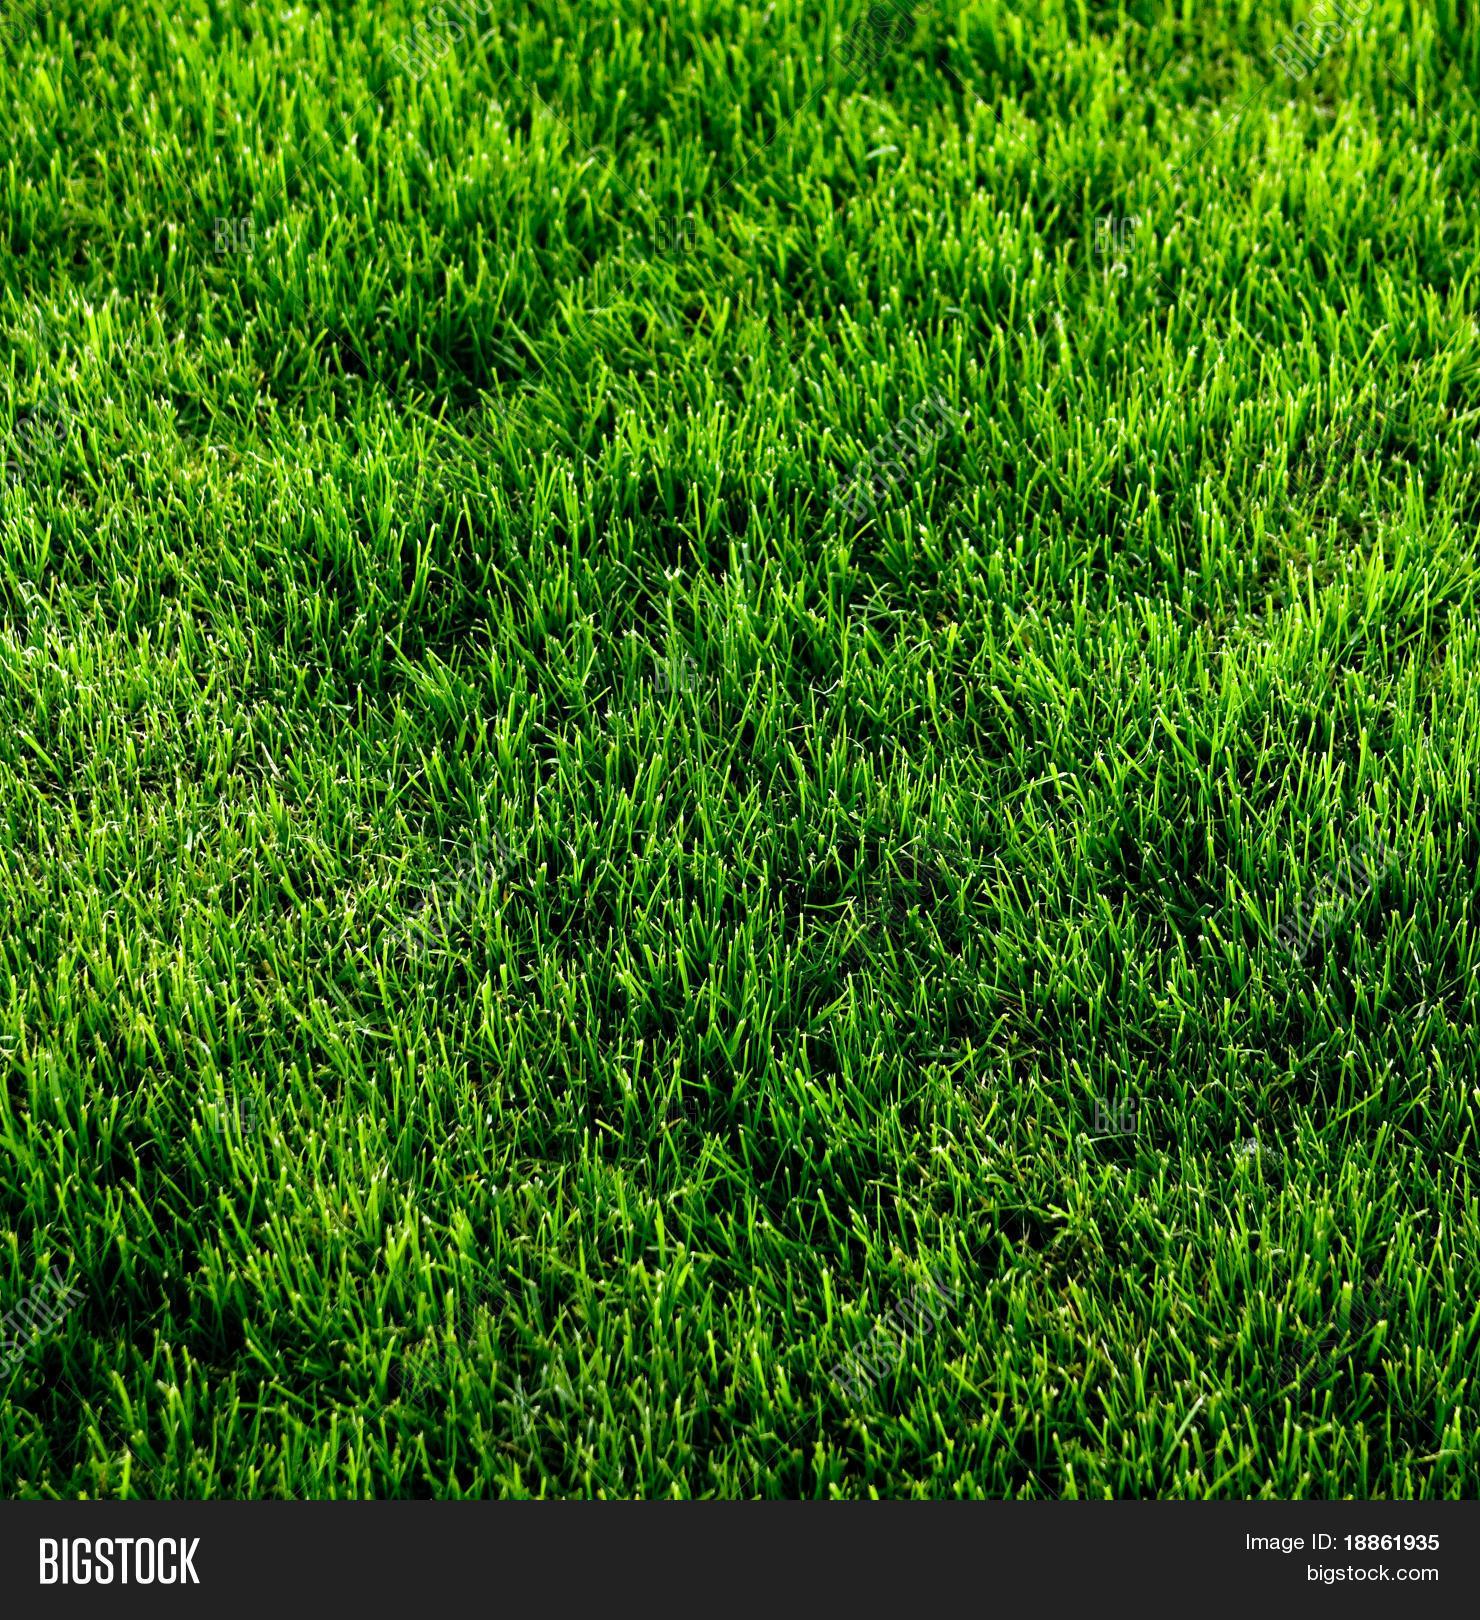 green grass texture from a soccer field green c58 green